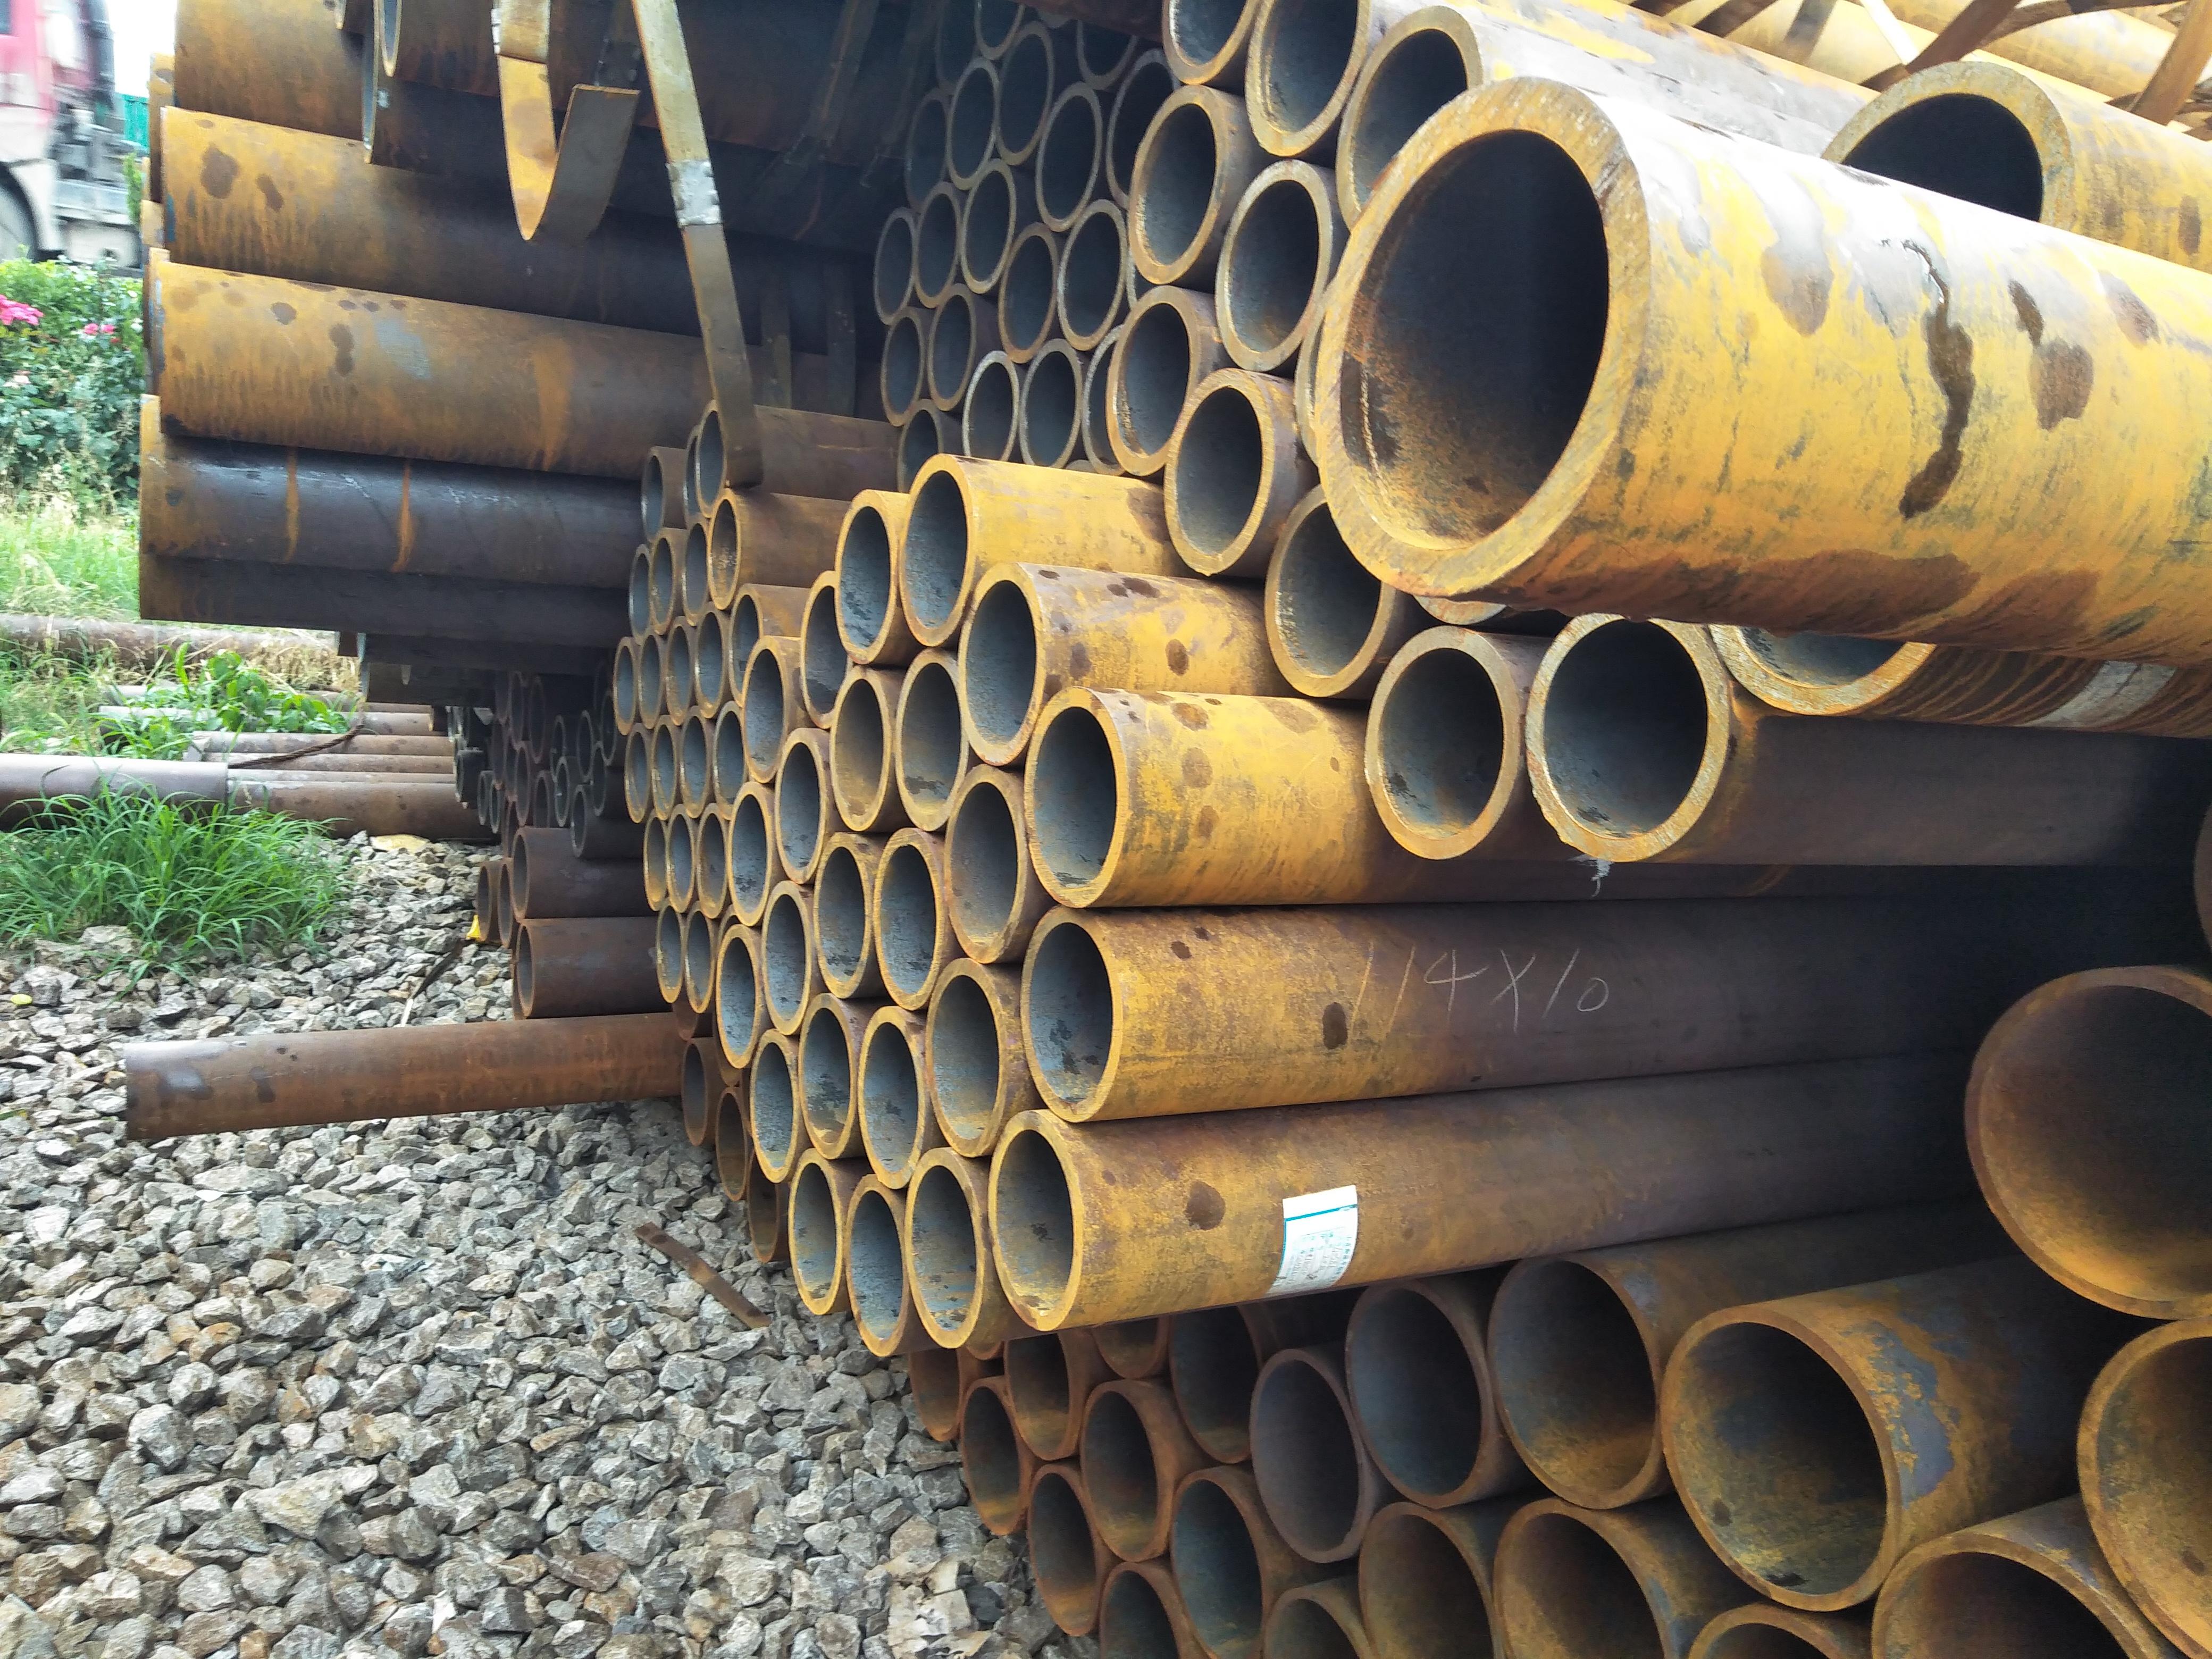 聊城Q345B无缝管规格 安阳Q345b无缝钢管价格行情山东无缝钢管行情